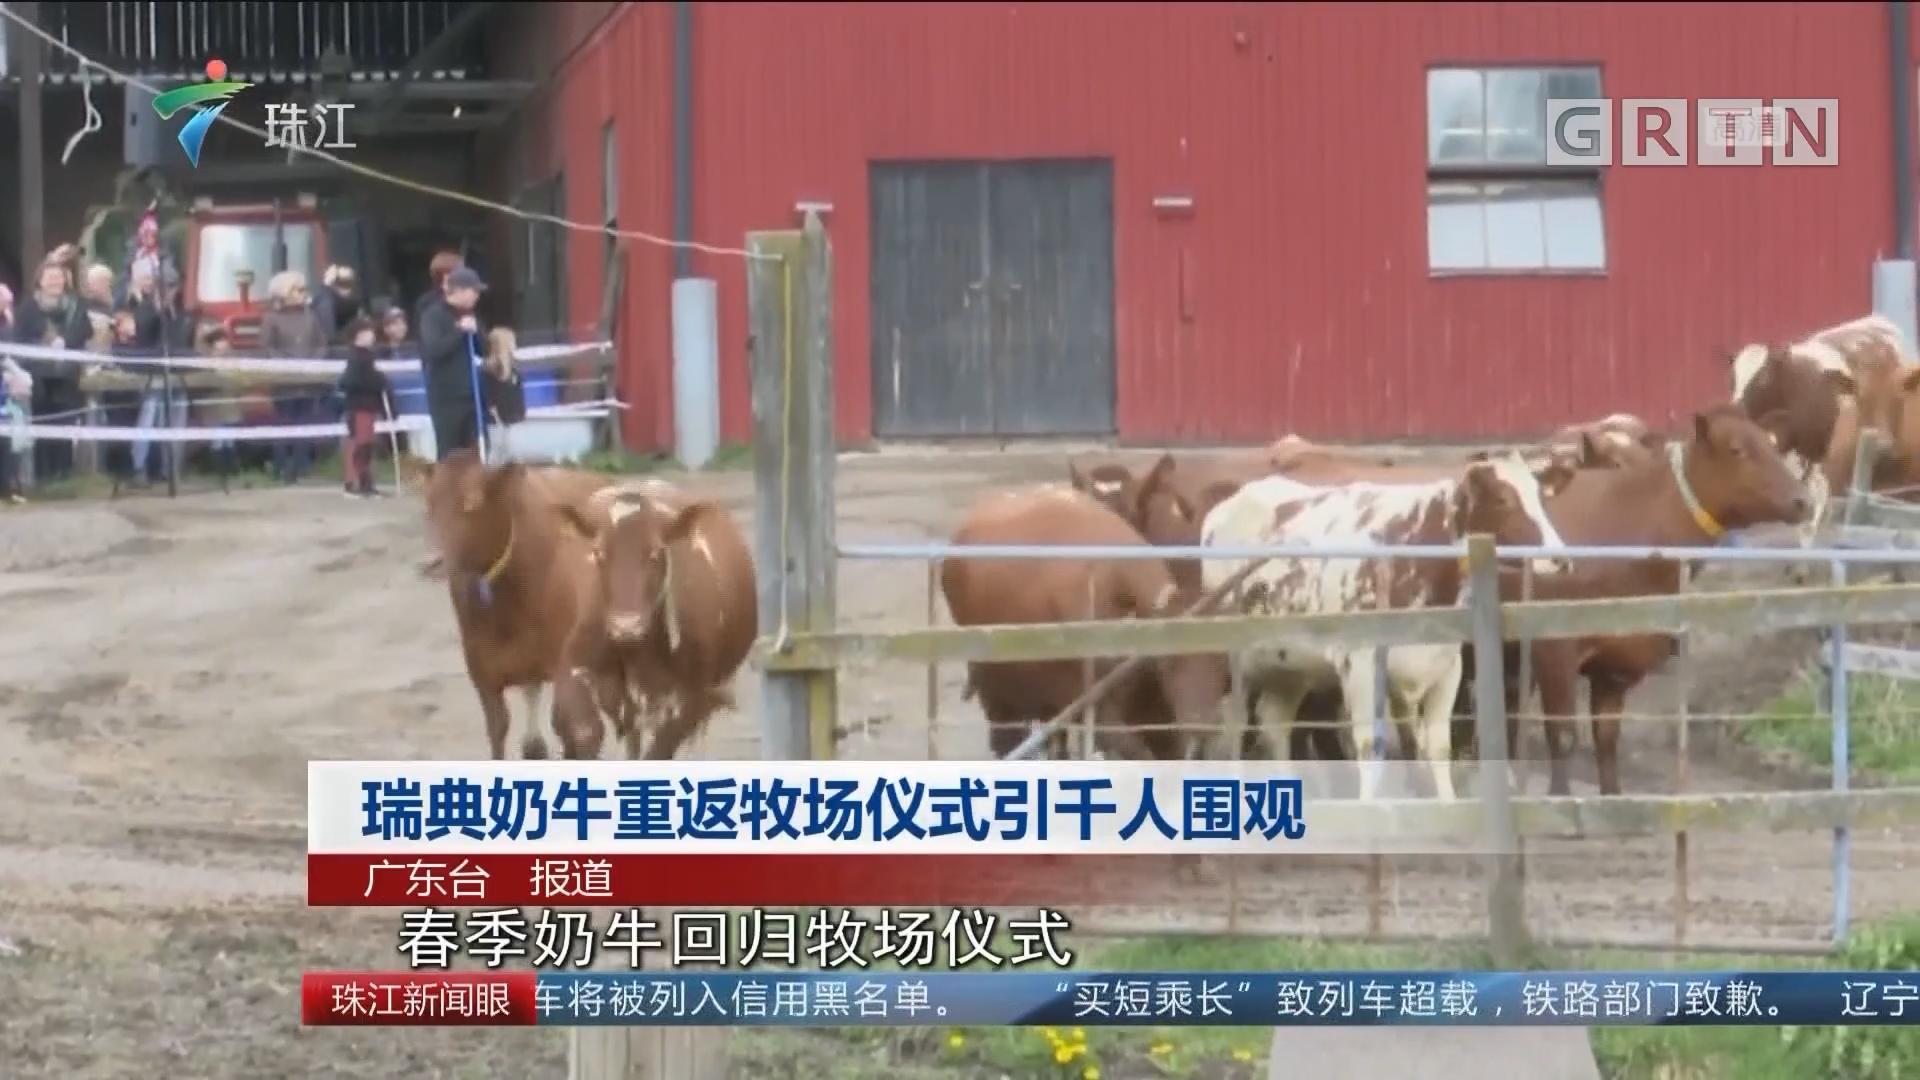 瑞典奶牛重返牧场仪式引千人围观